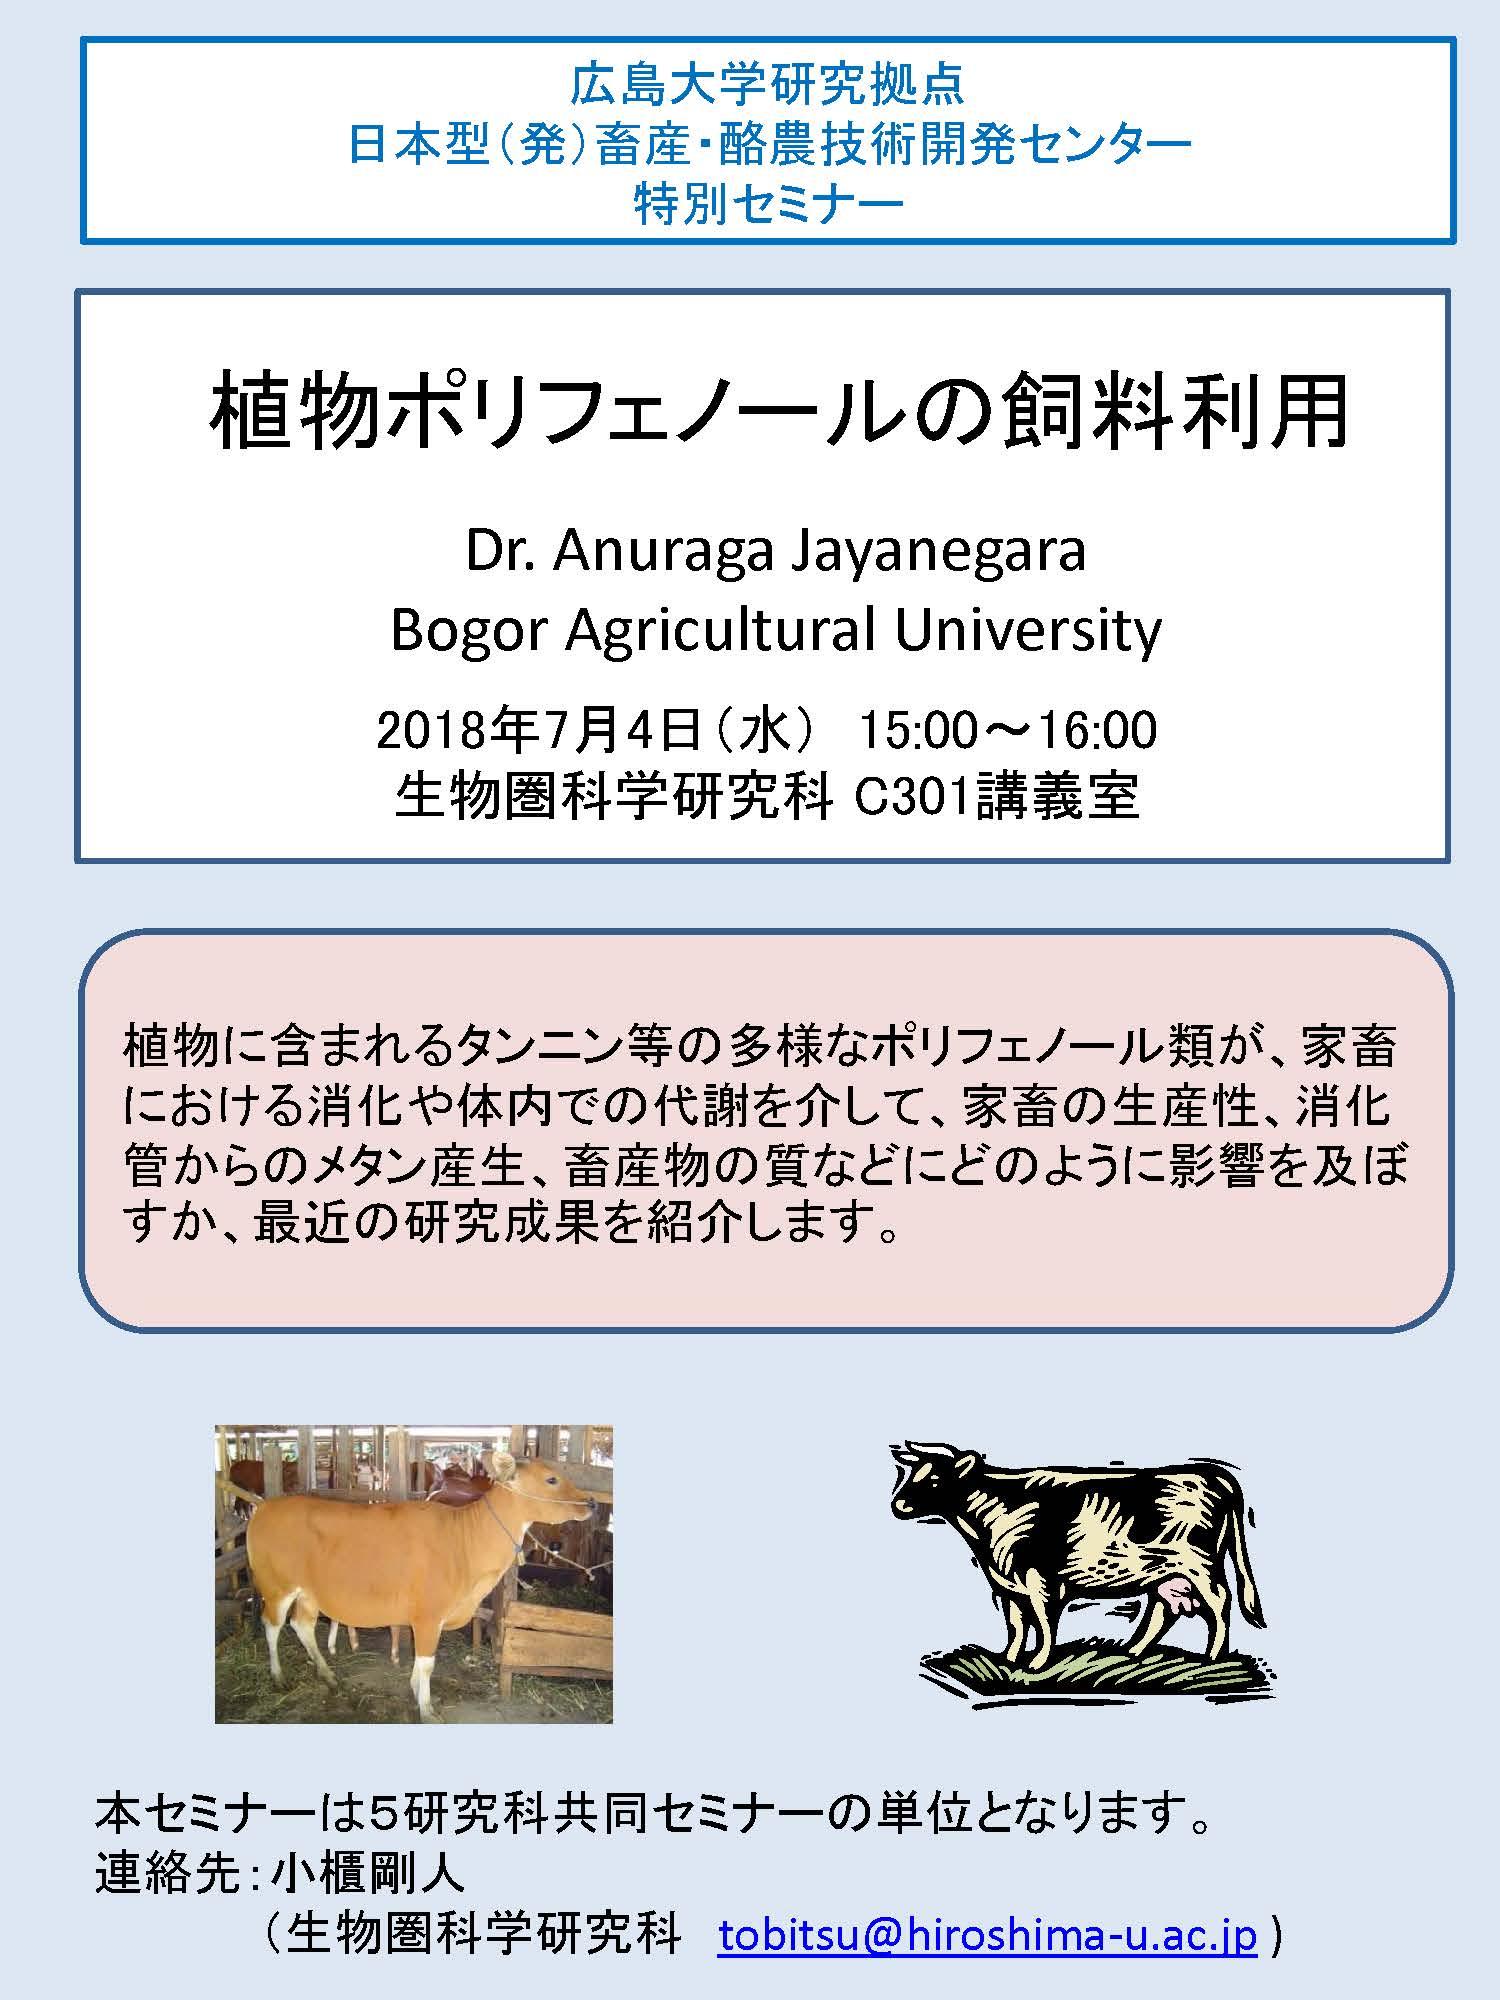 日本型(発)畜産・酪農技術開発センター特別セミナー(ポスター)